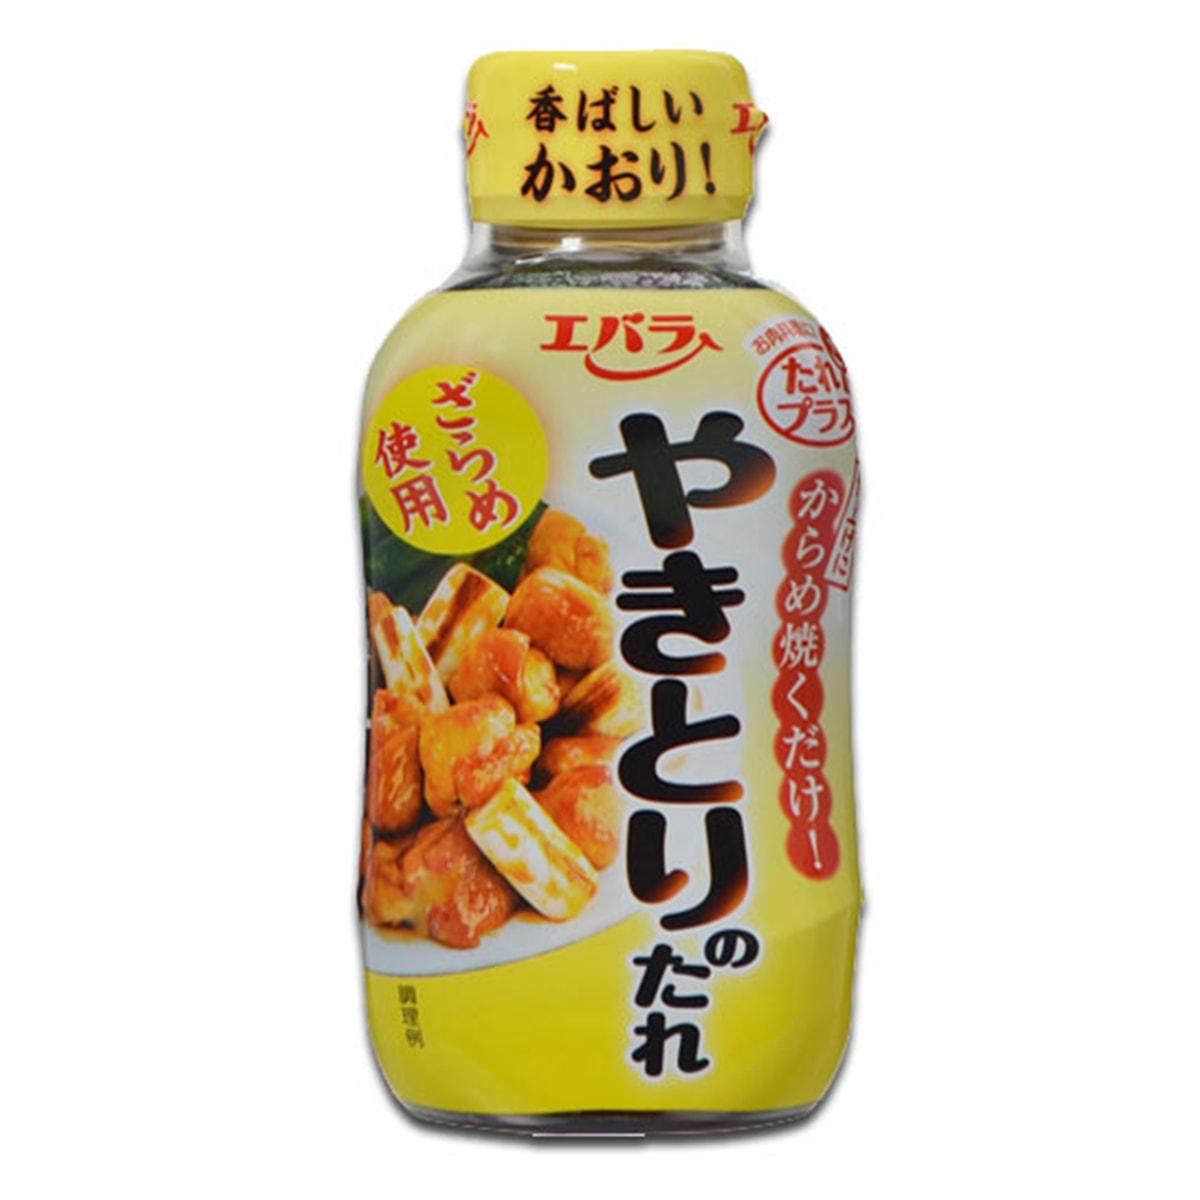 Buy Ebara Yakitori Sauce / Teriyaki Sauce / Grilled Chicken Sauce - 240 gm